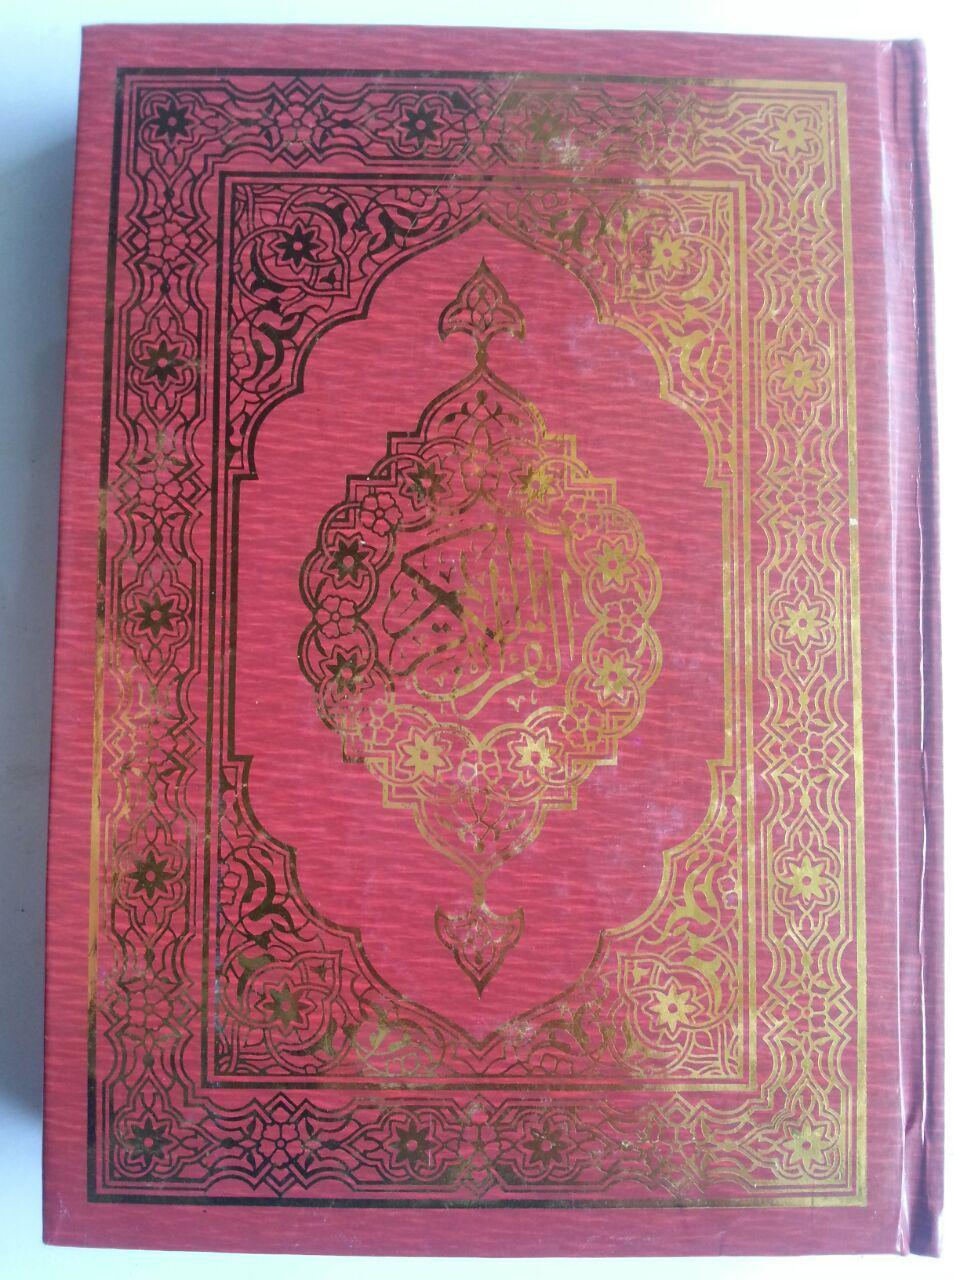 Al-Qur'an Dan Tajwid Lokal Ukuran A5 Tanpa Terjemah cover